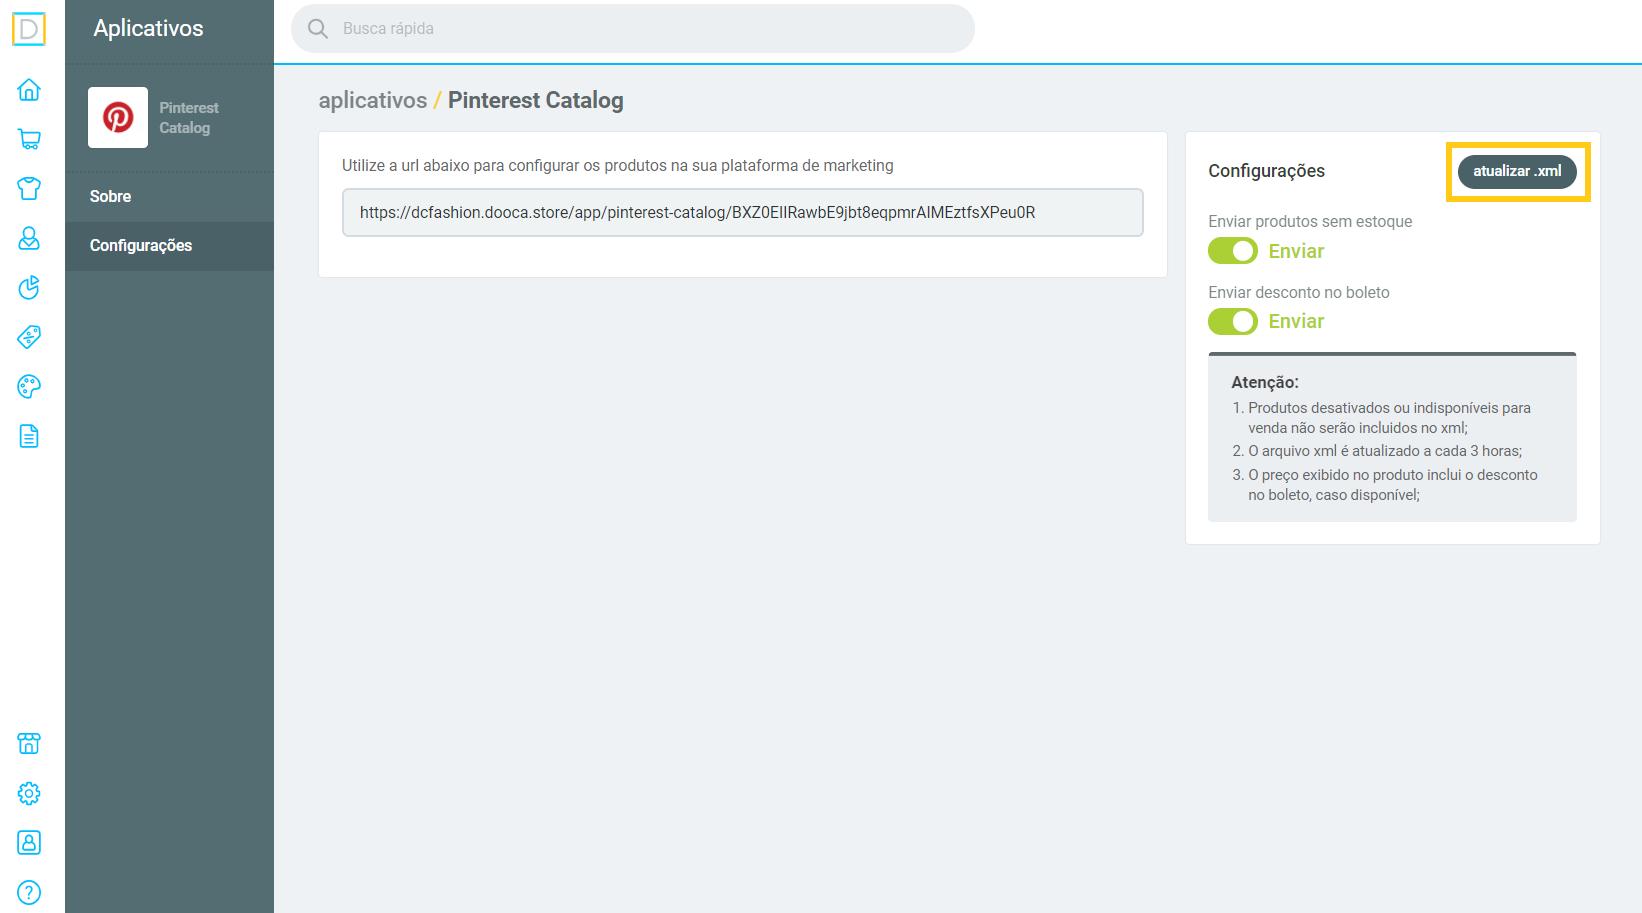 atualizar o xml .png